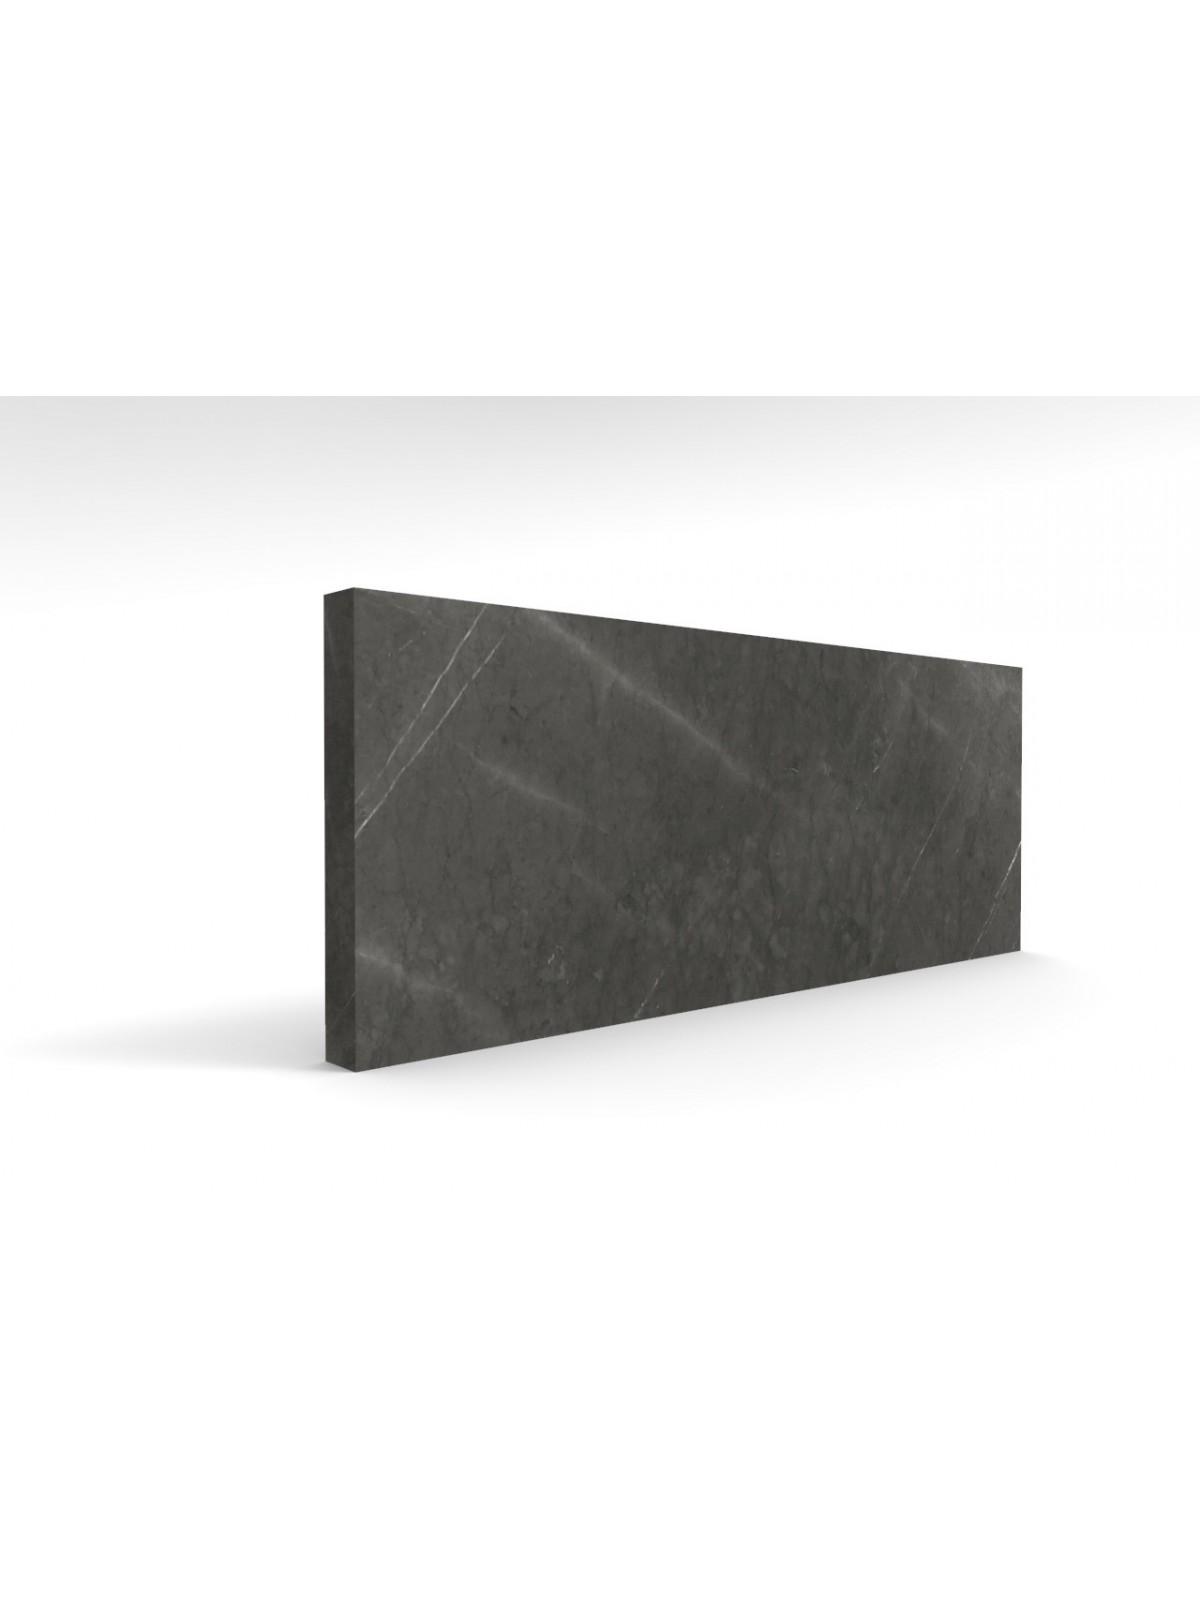 Zoccolino in grafite (pietra grey)